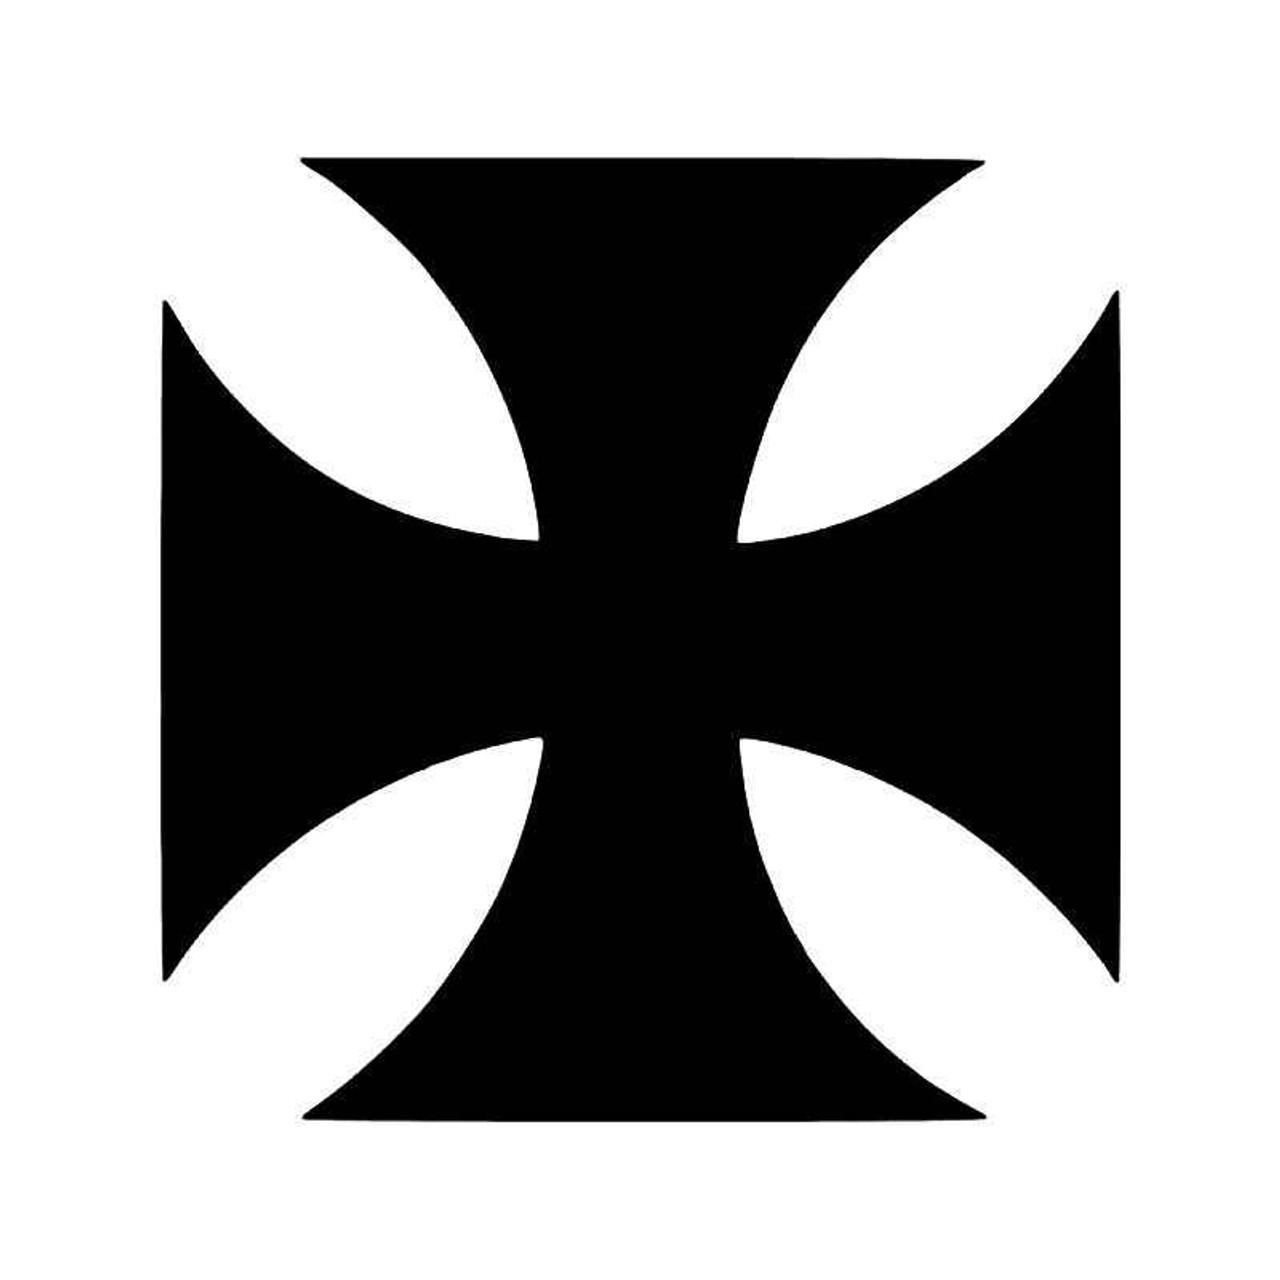 Maltese Iron Cross Knights Templar Symbol 2 Vinyl Sticker